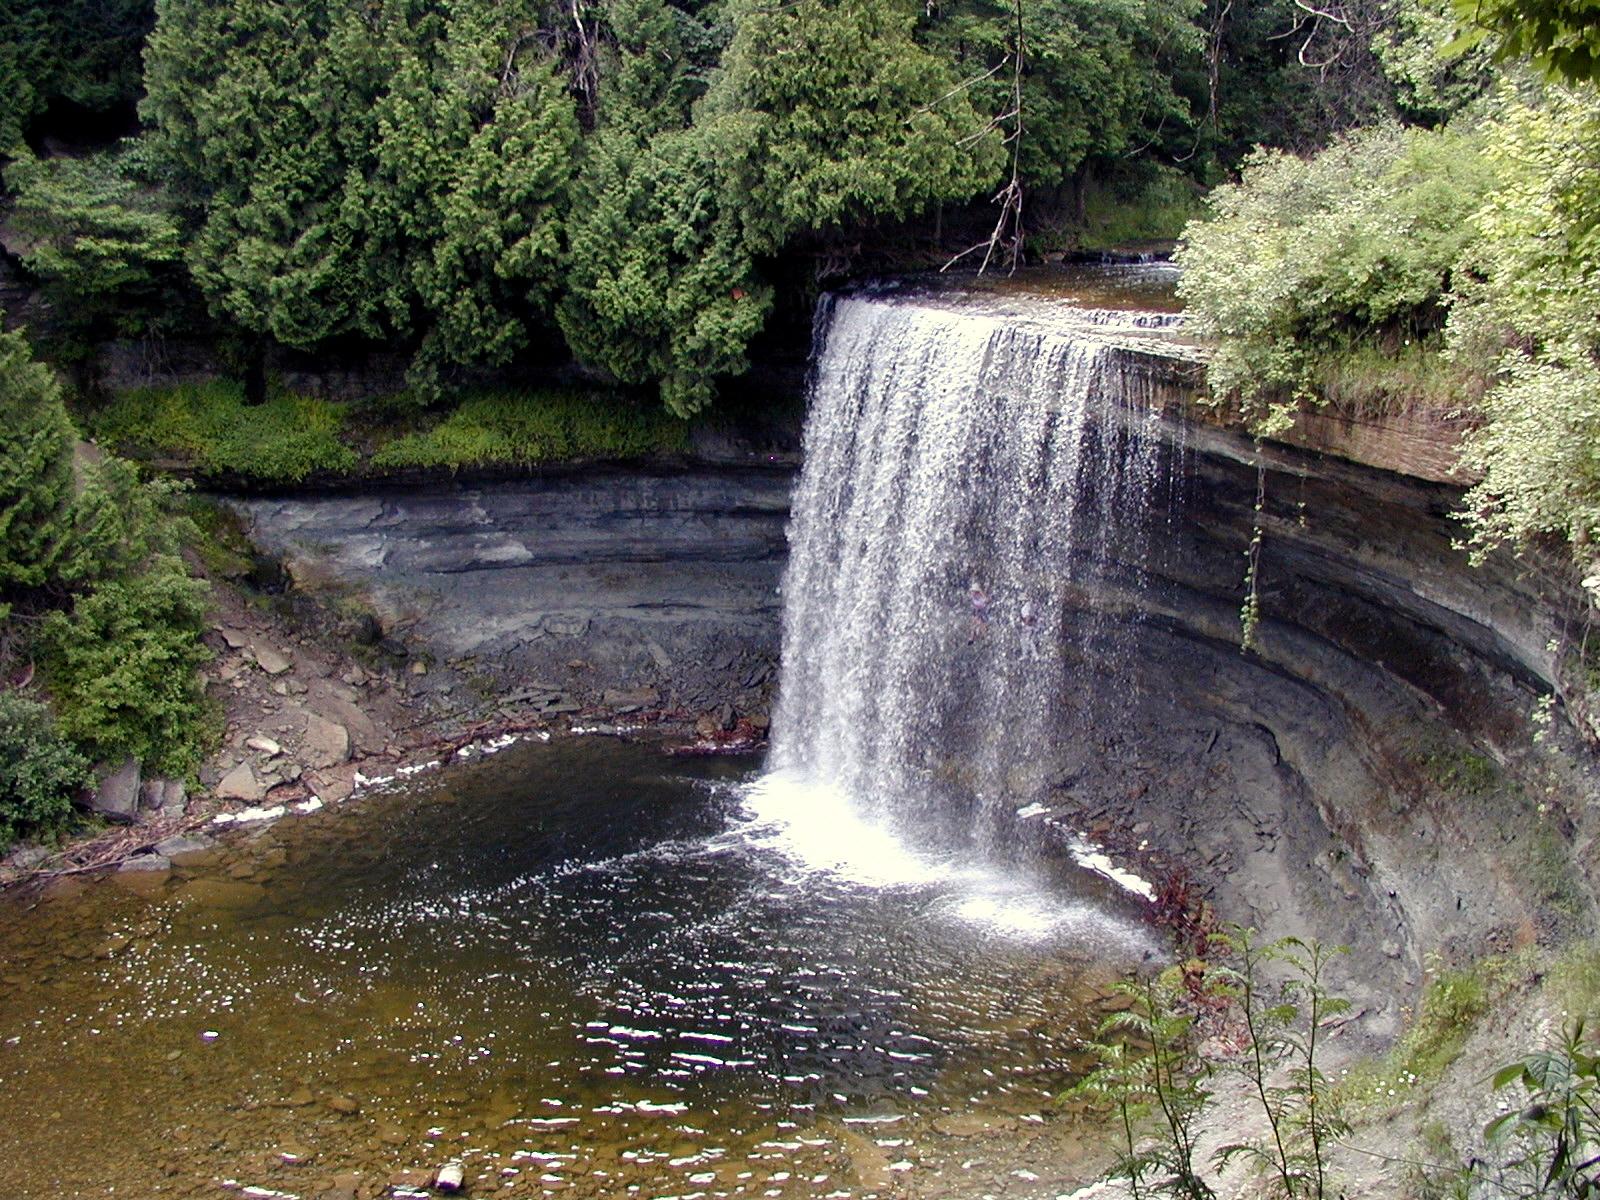 File:Bridal Veil Falls Ontario CA.jpg